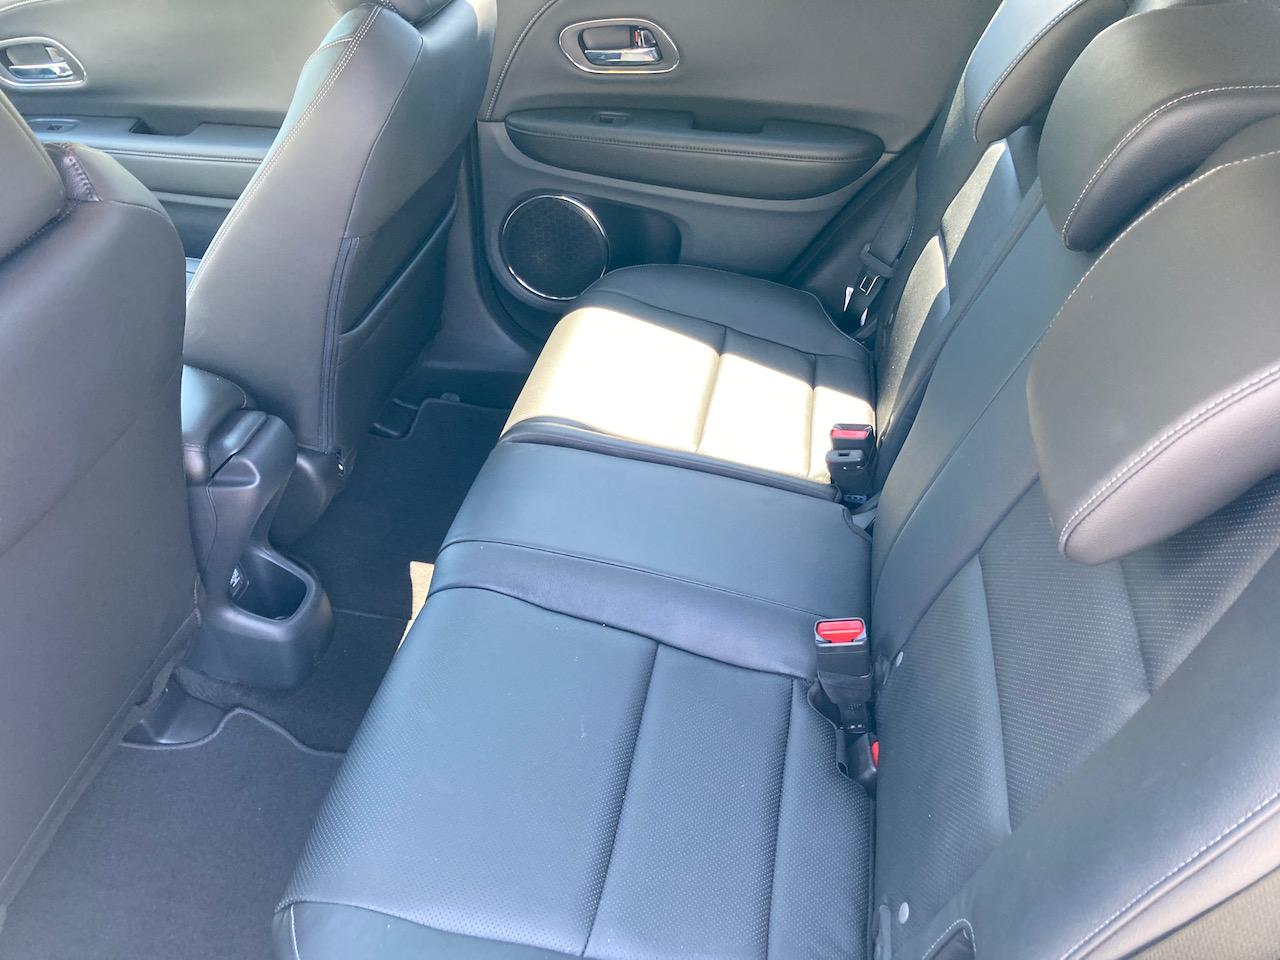 Rear seat of Honda HR-V.